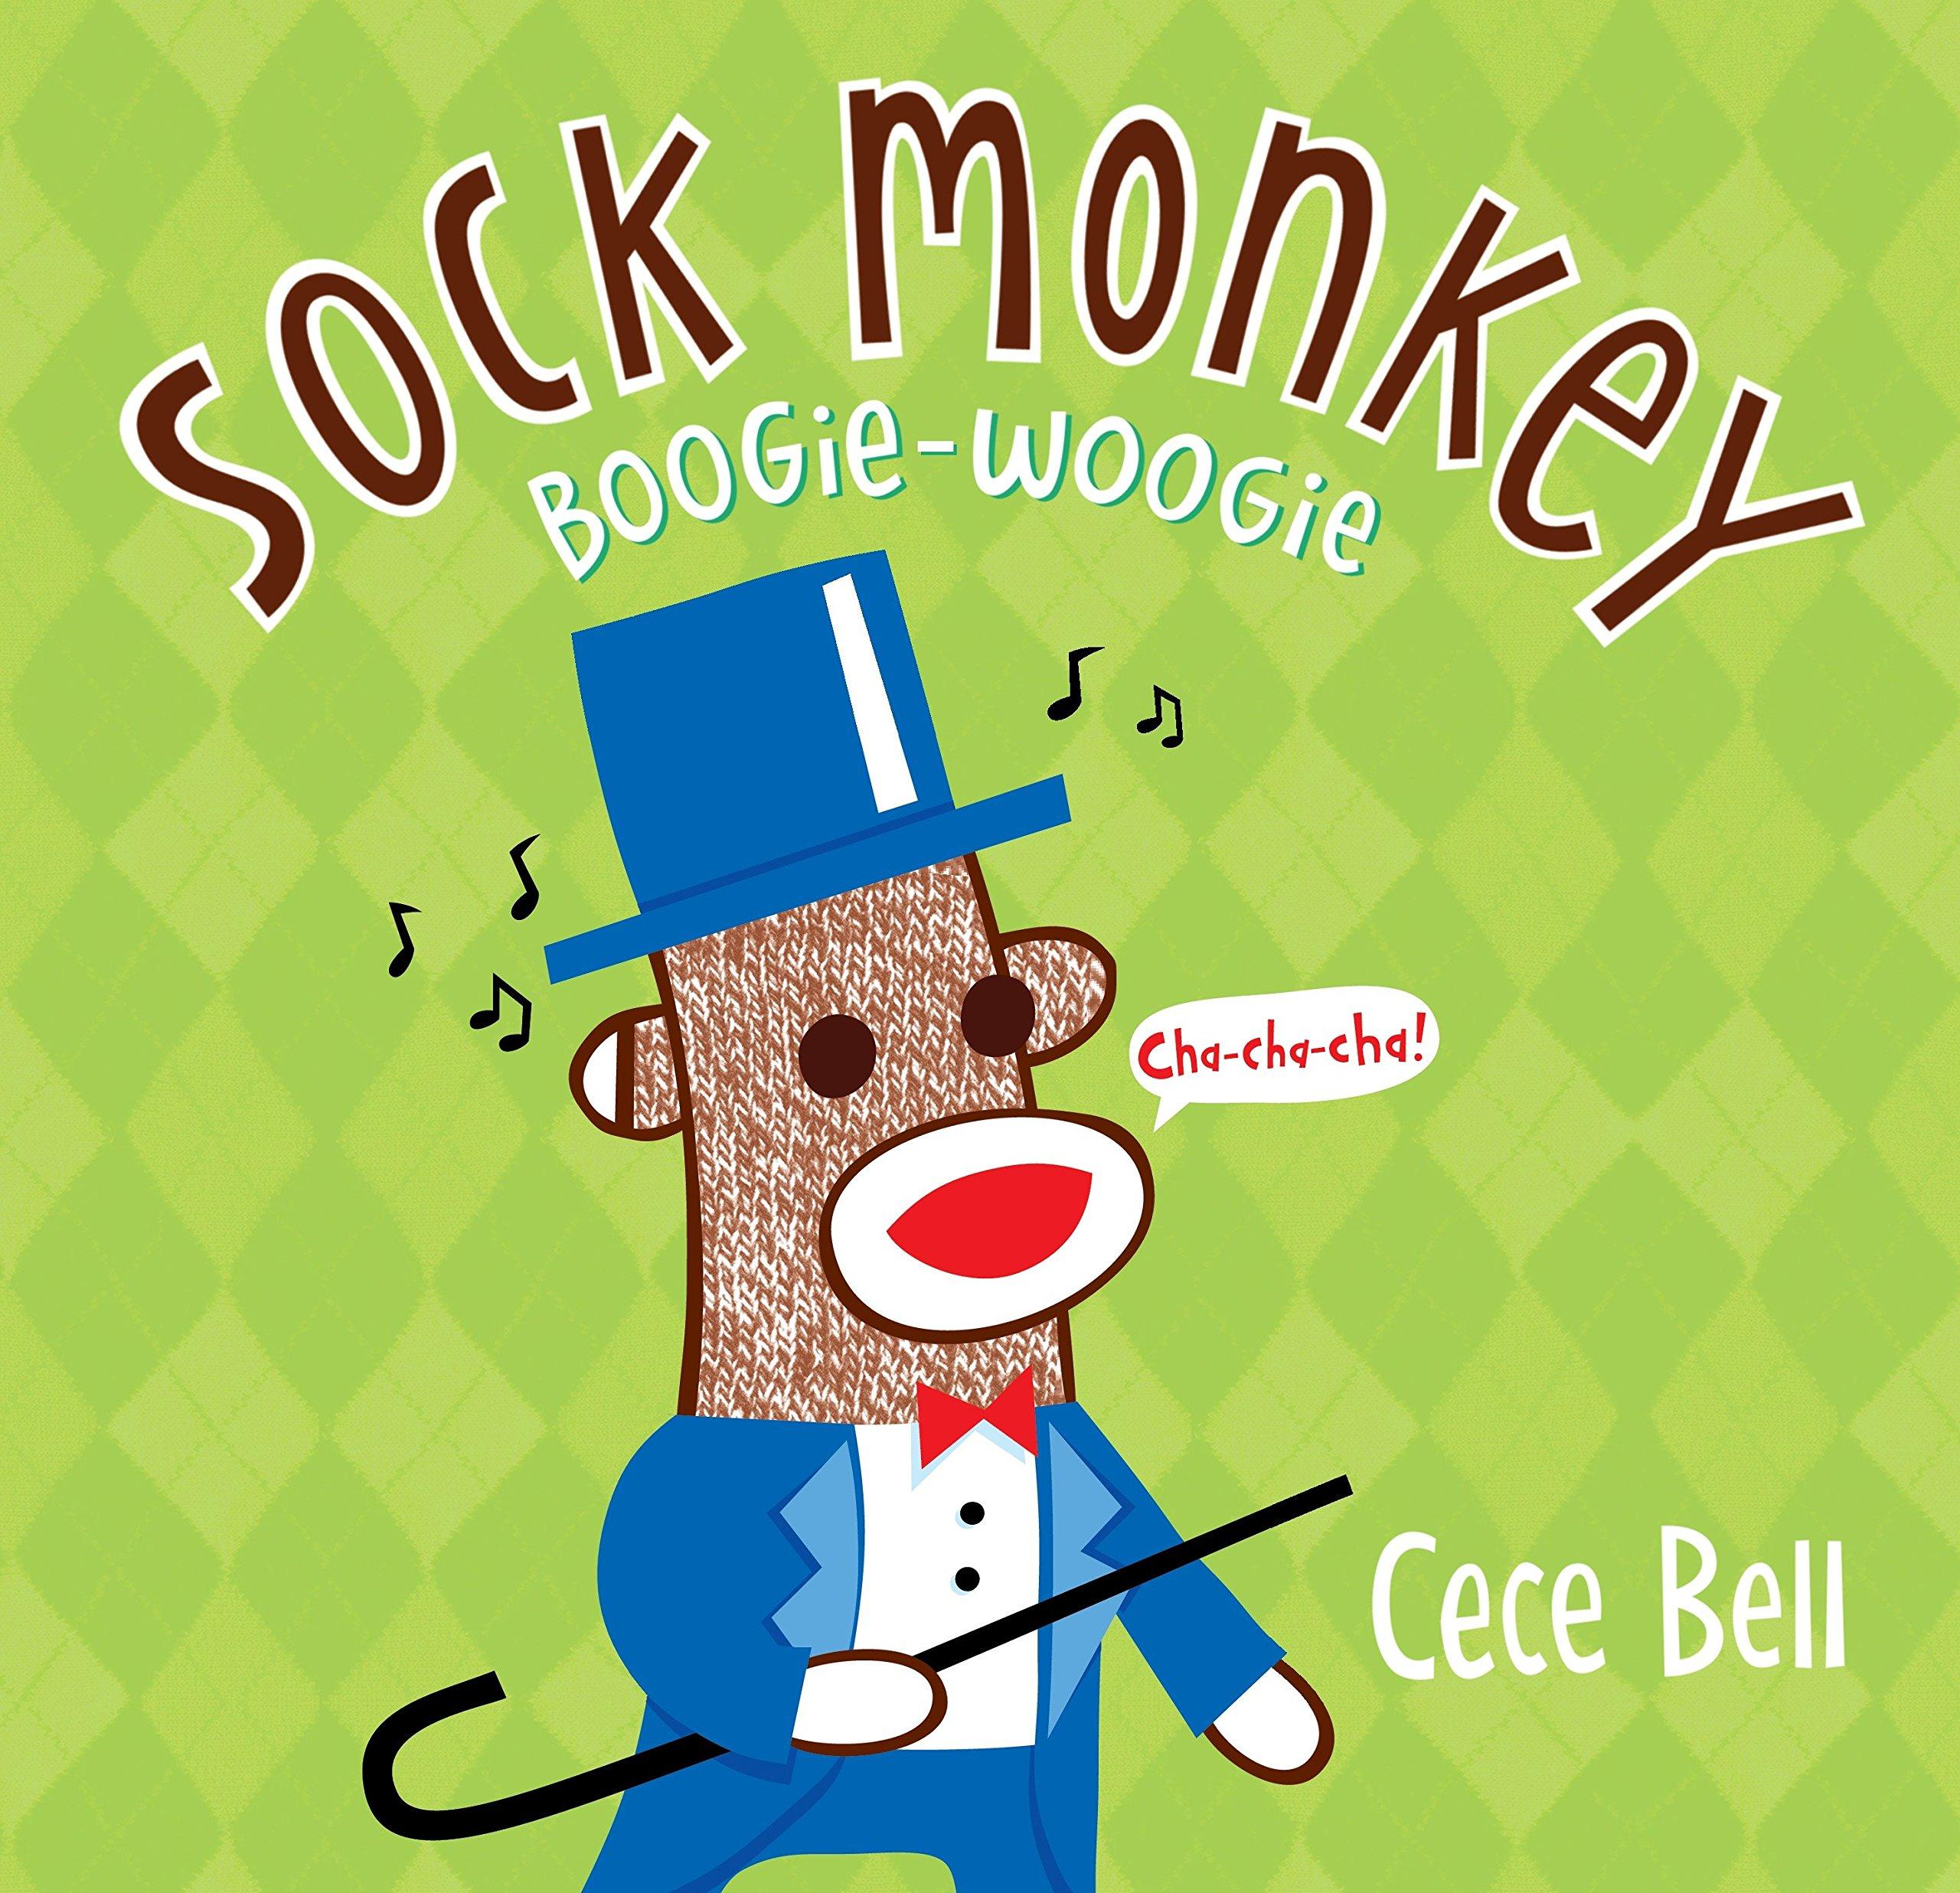 2bf292149c5 Sock Monkey Boogie Woogie  A Friend Is Made (Cece Bell s Sock Monkey ...